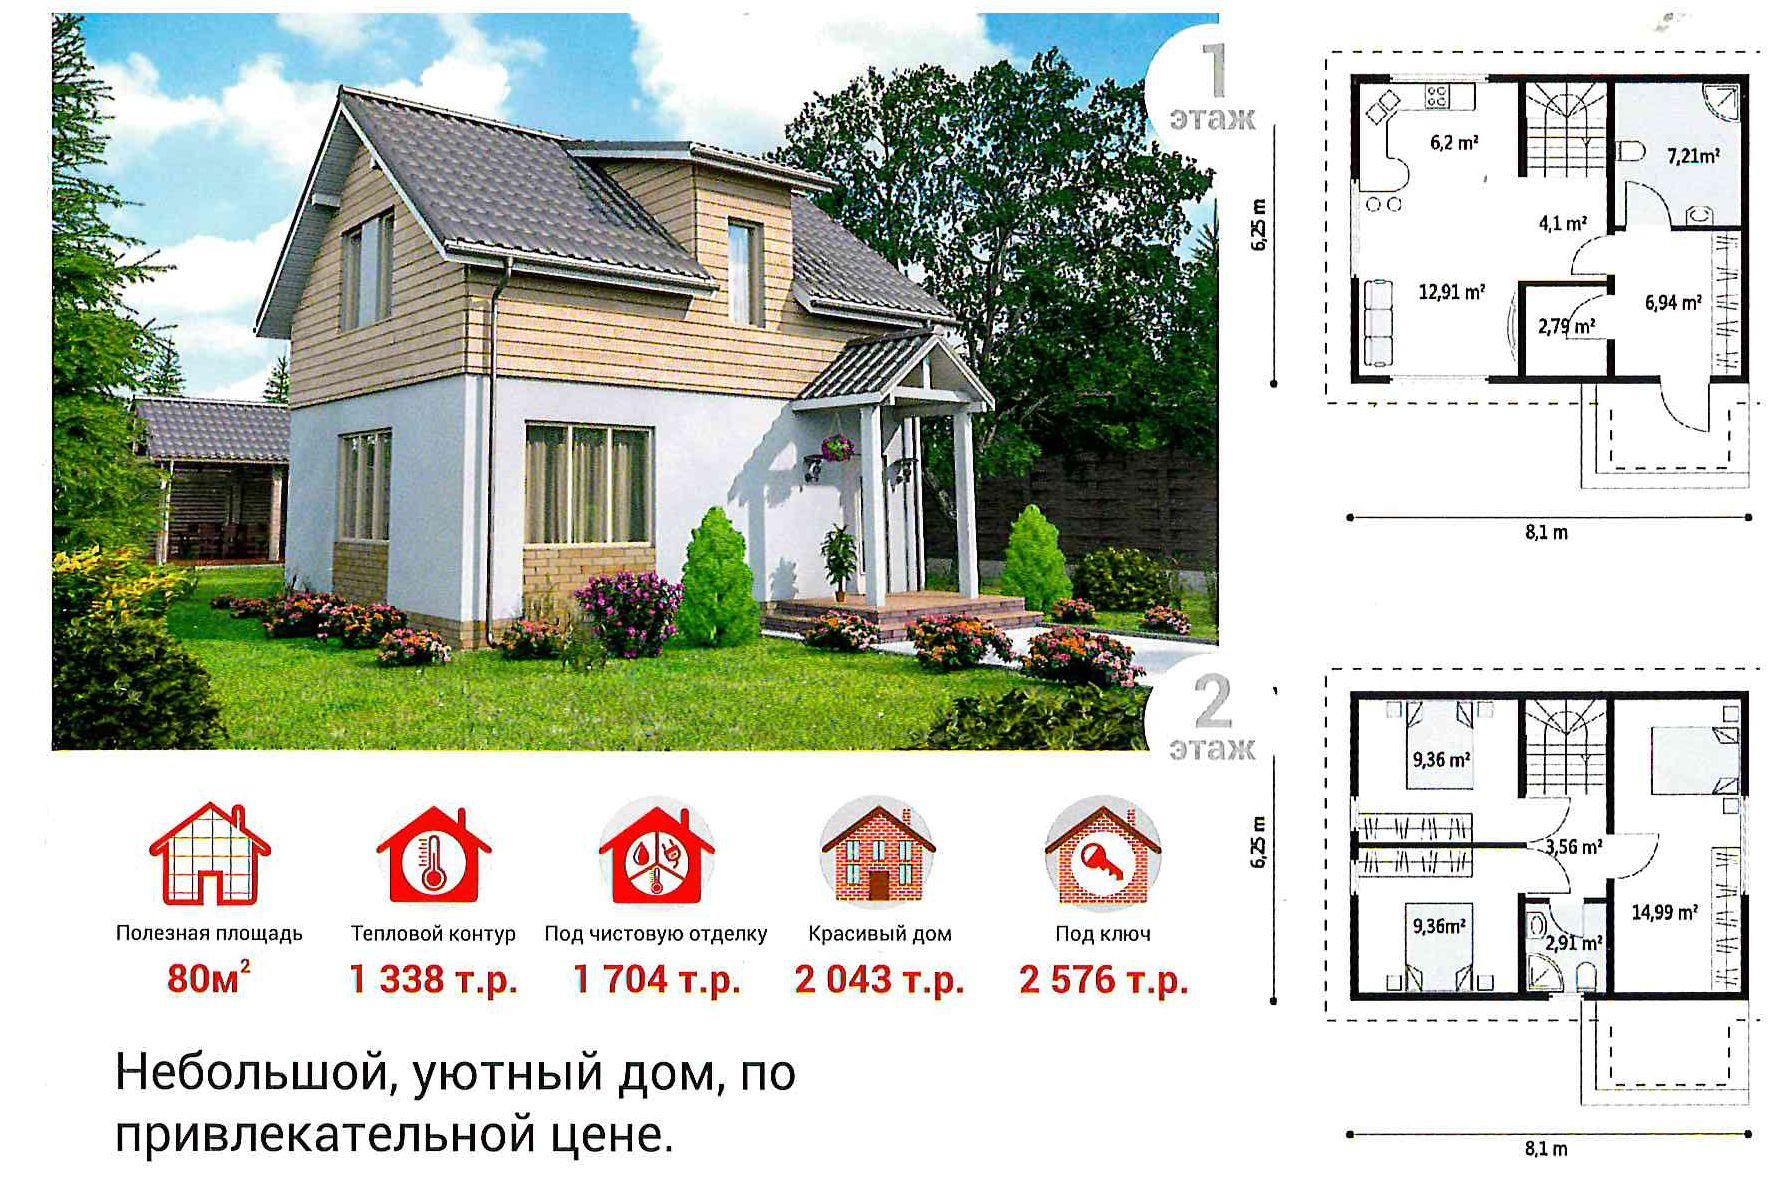 Как построить дом в Новосибирске - бесплатная экскурсия